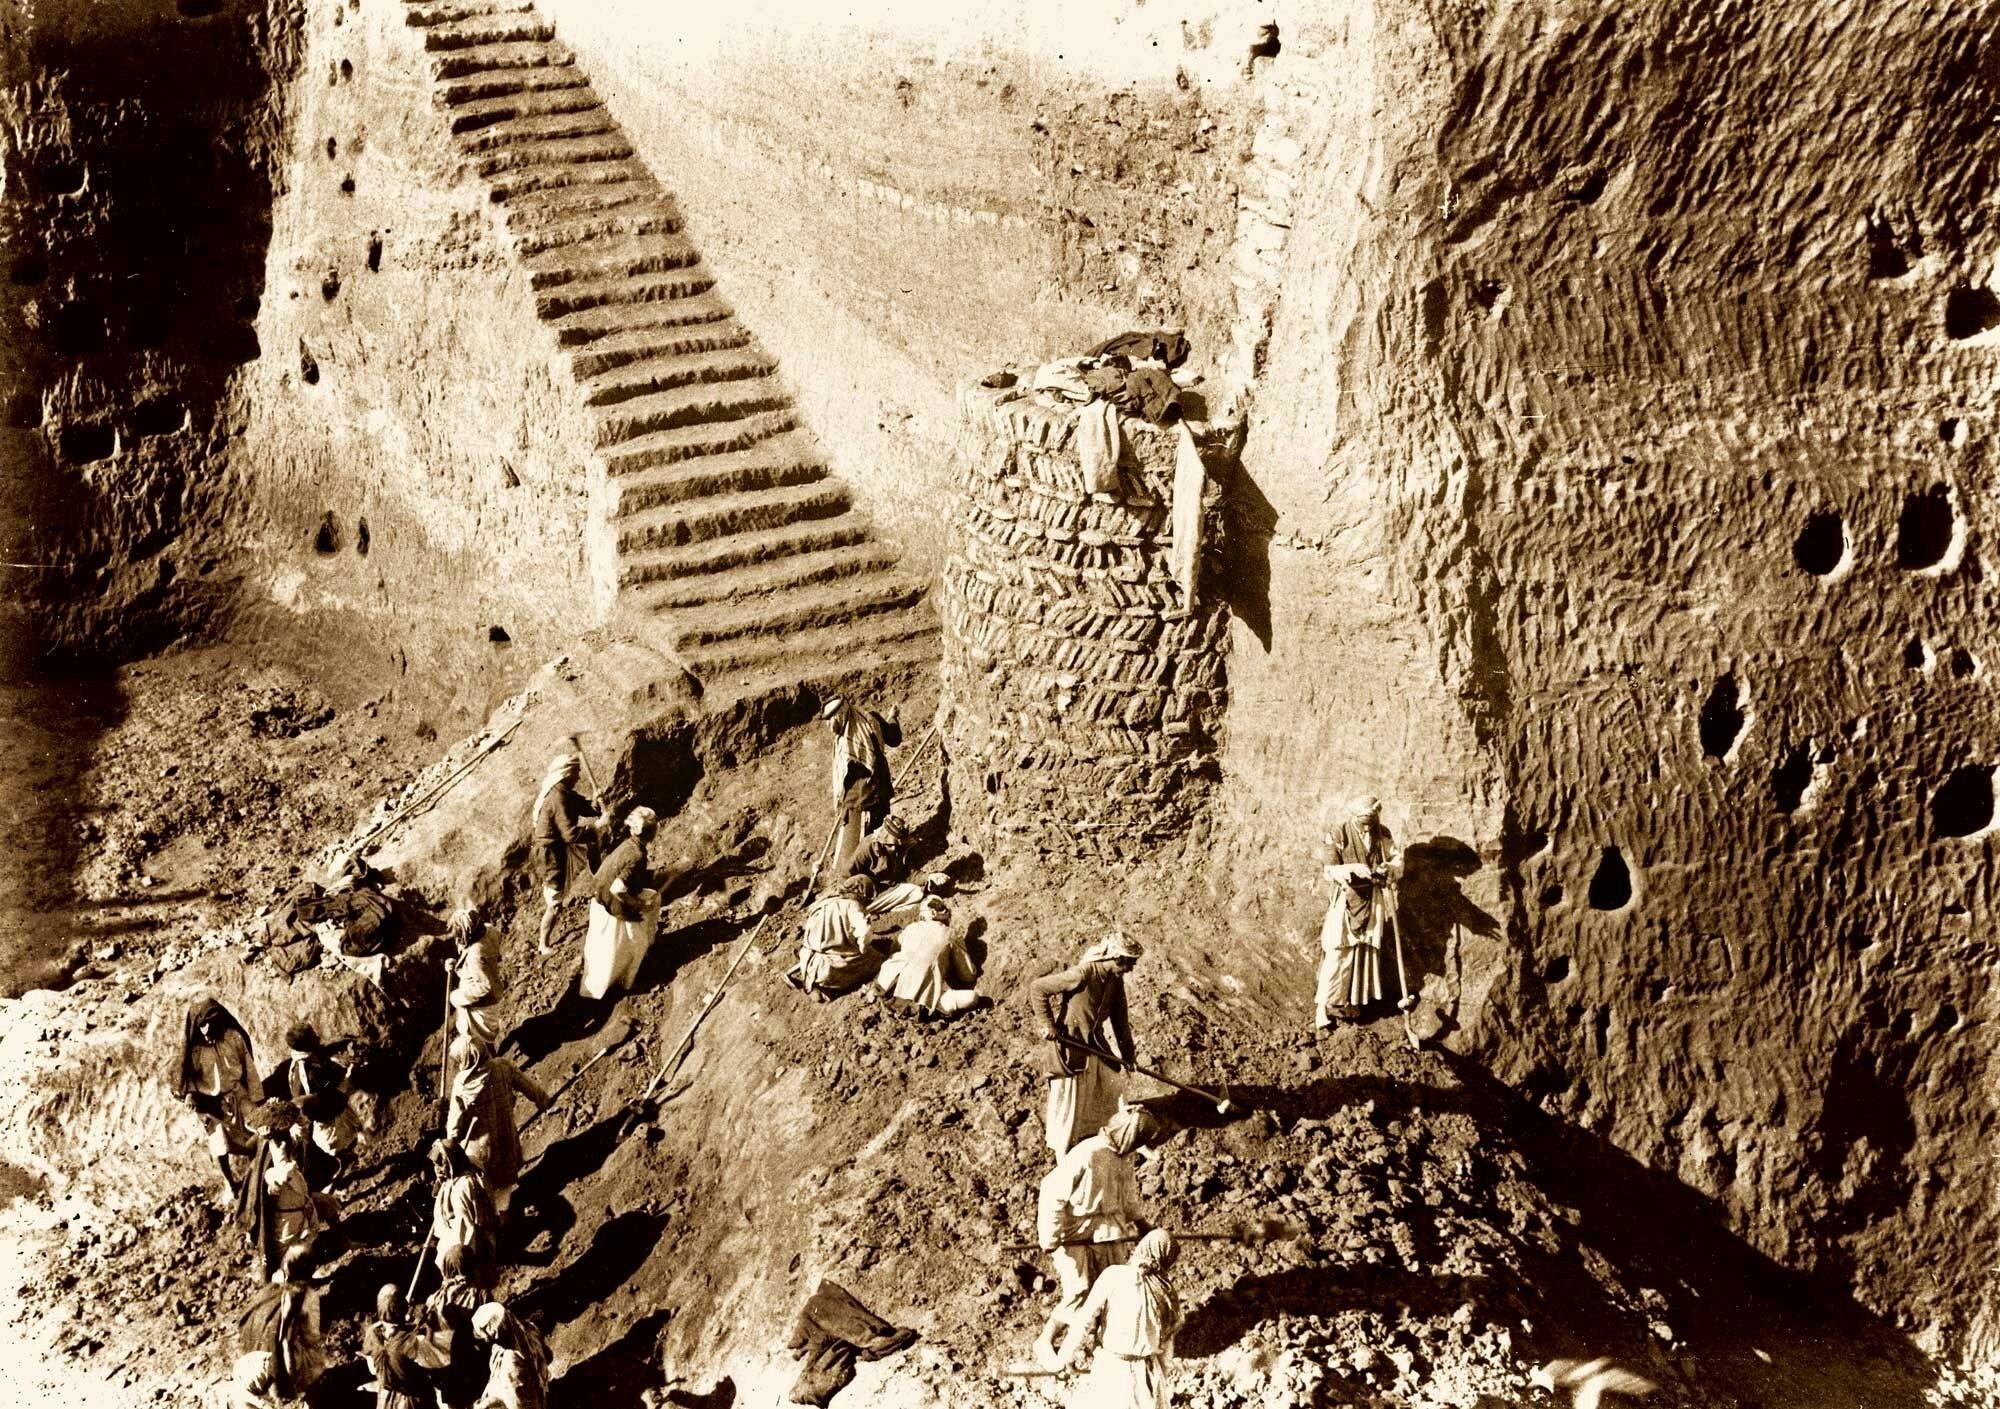 La antigua Girsu sale a la luz  Entre 1877 y 1933 se sucedieron en Girsu (la actual Tello) veinte campañas arqueológicas. Arriba, la misión llevada a cabo desde 1931 hasta 1933 por el arqueólogo francés André Parrot.